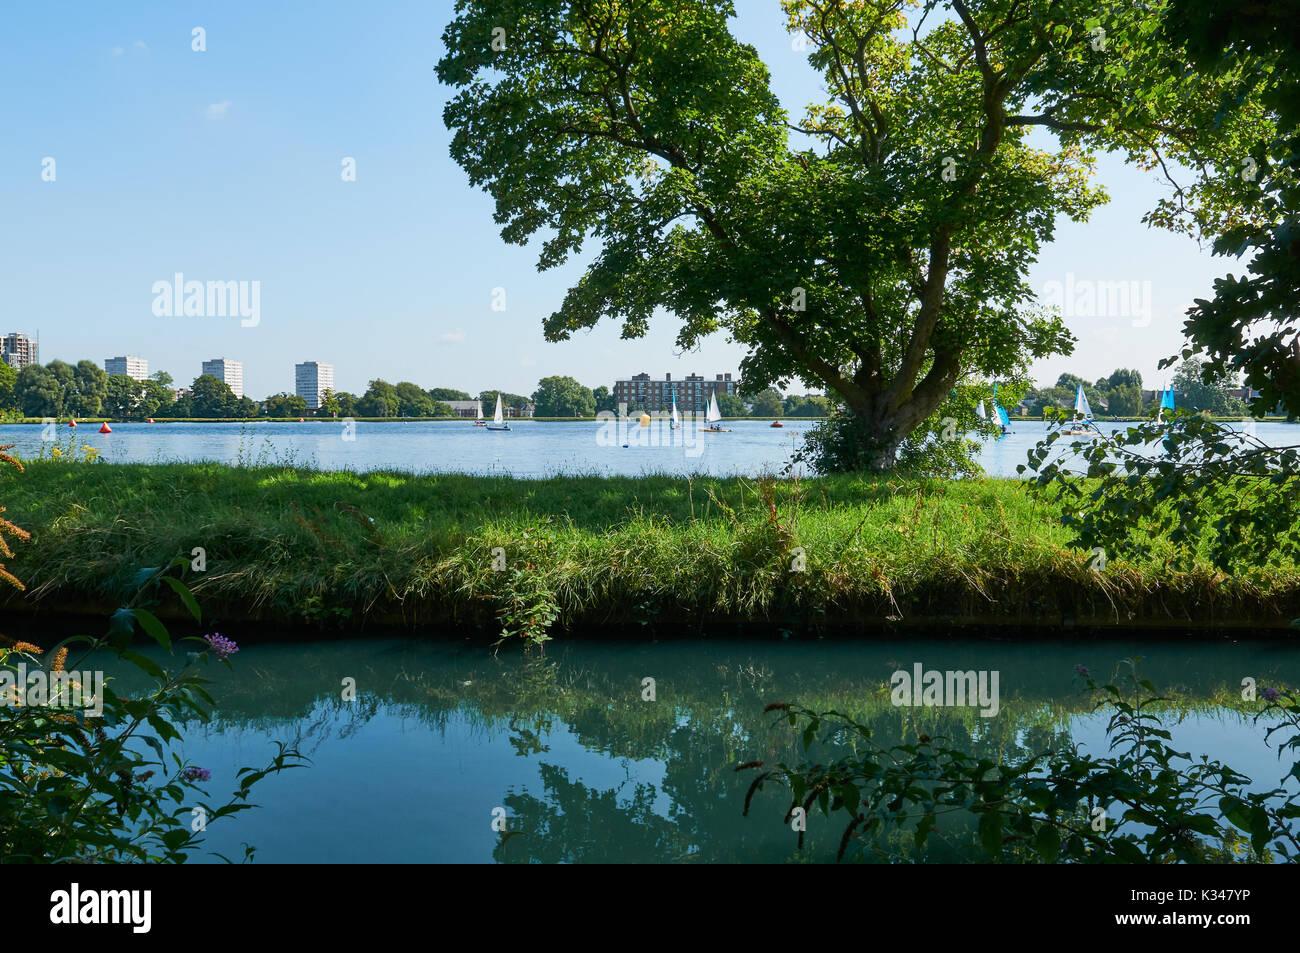 Urban Area Near River Stock Photos & Urban Area Near River ...